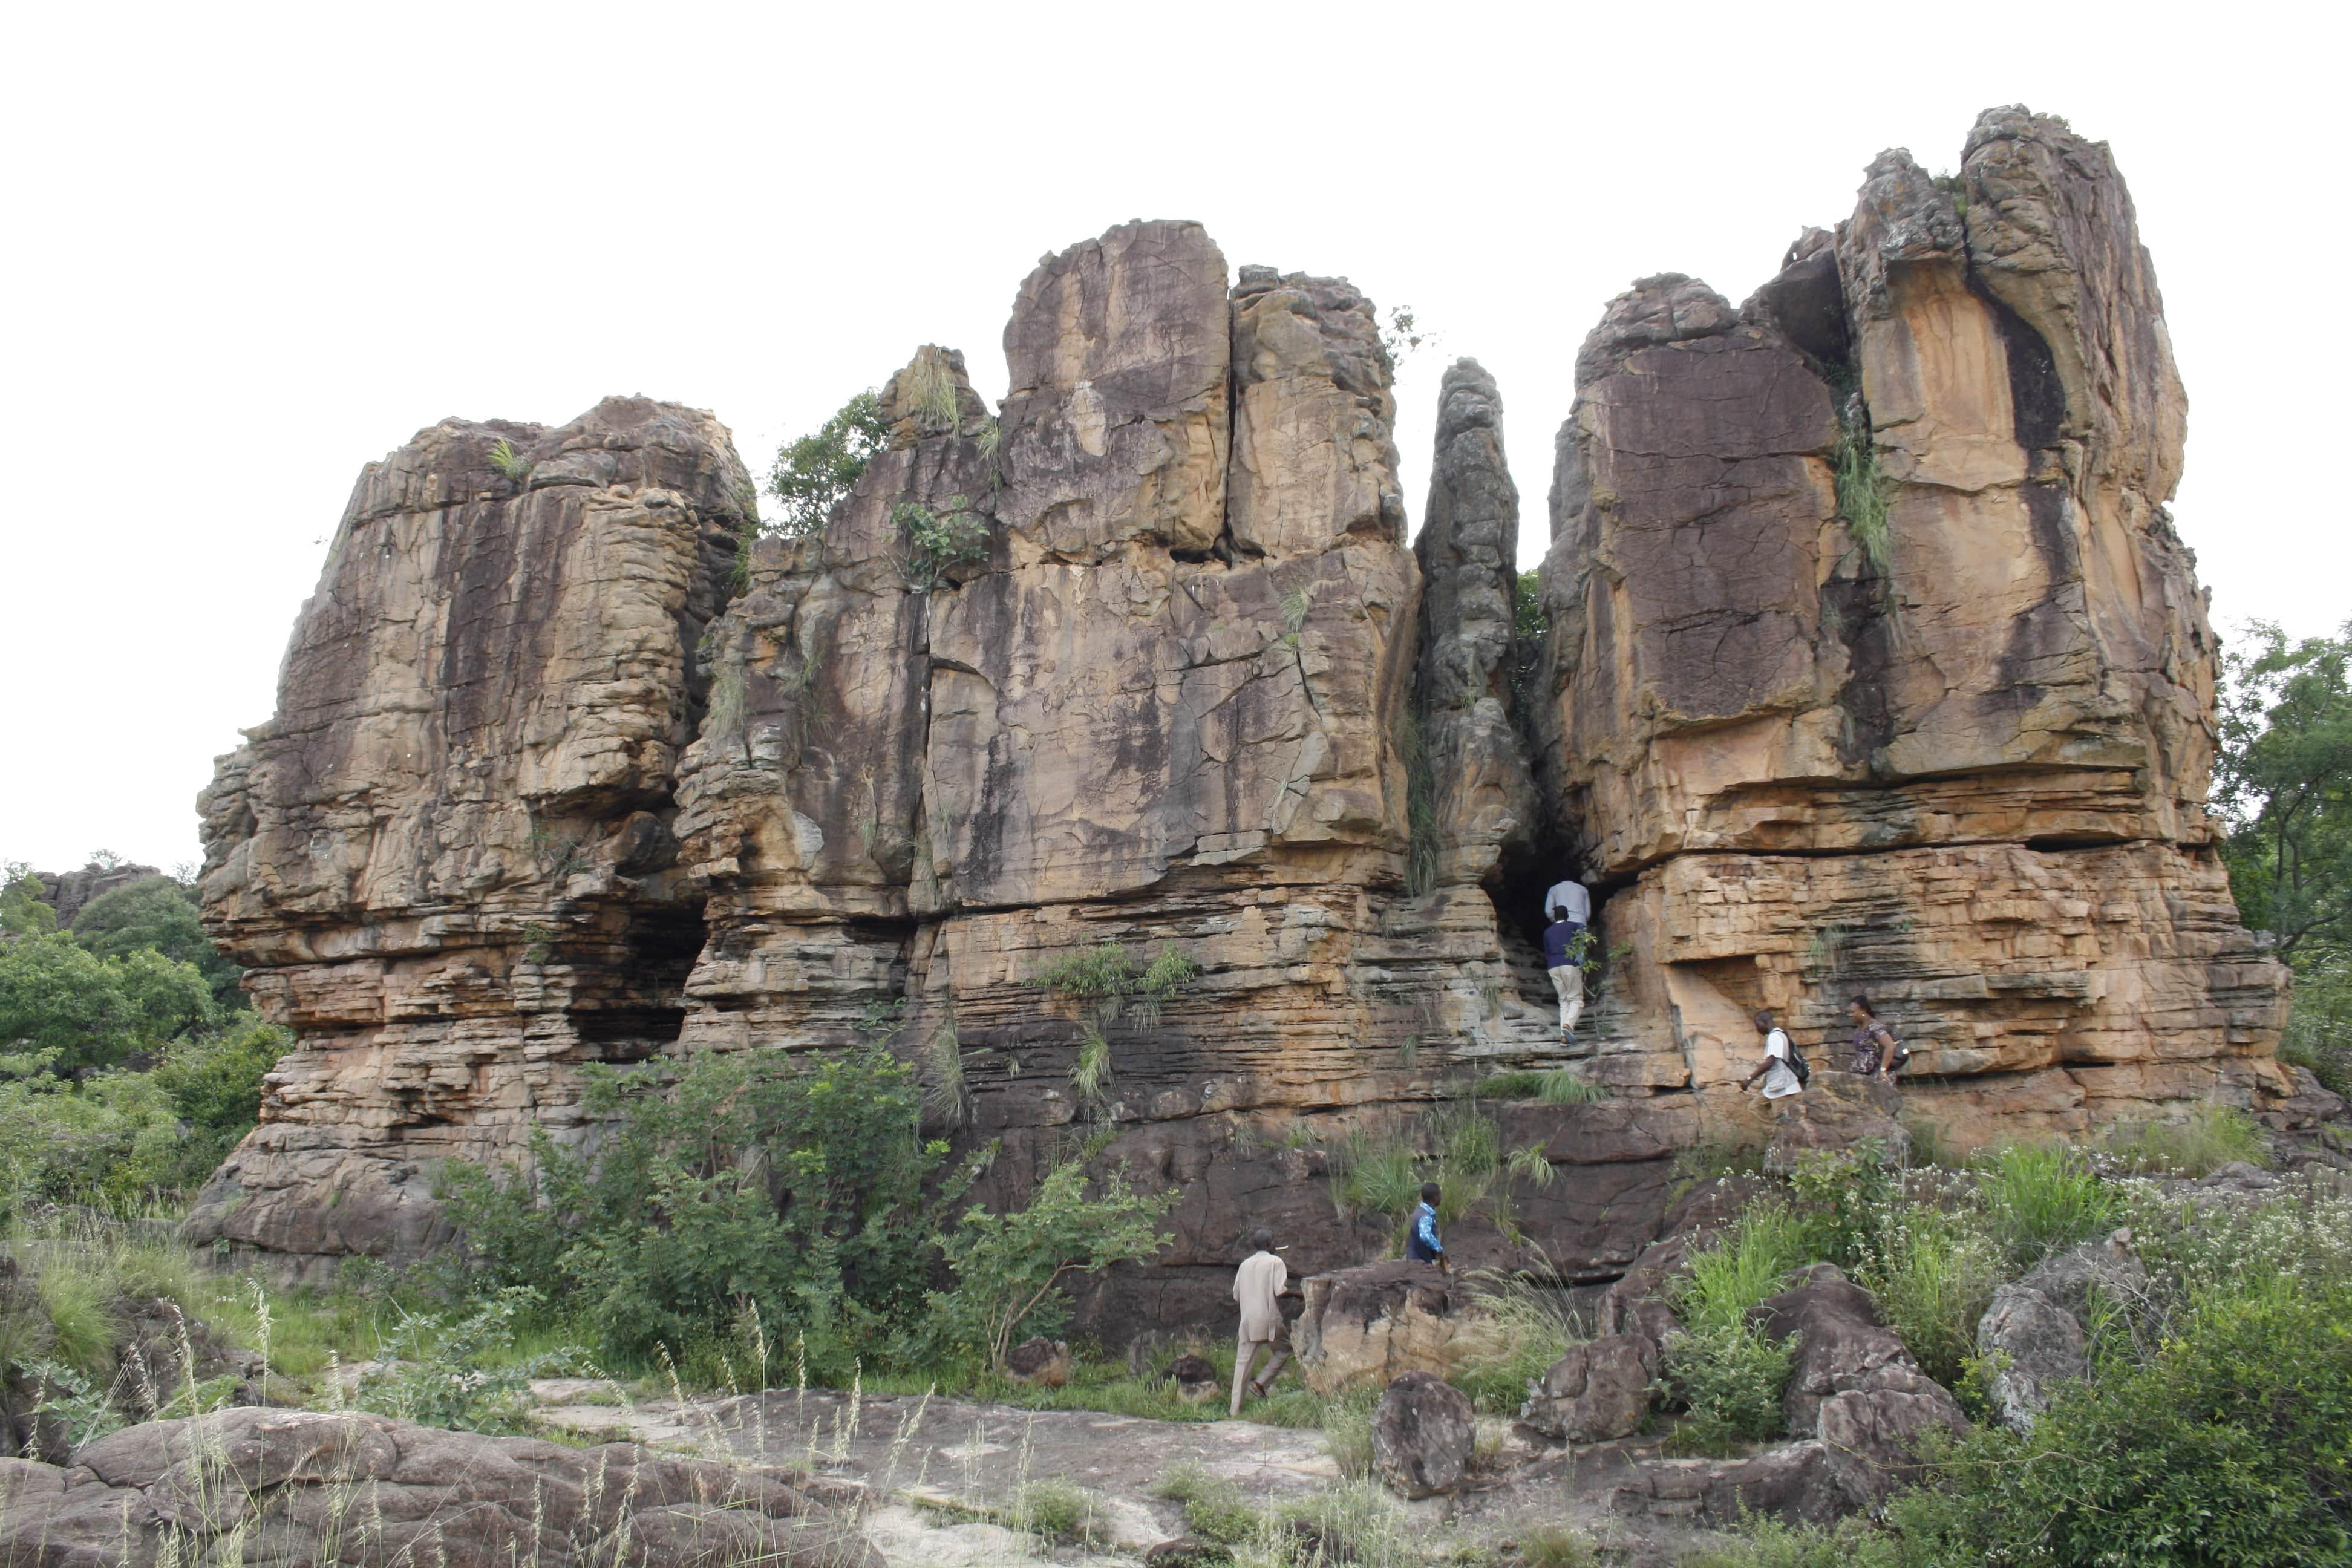 Caverns of Douna